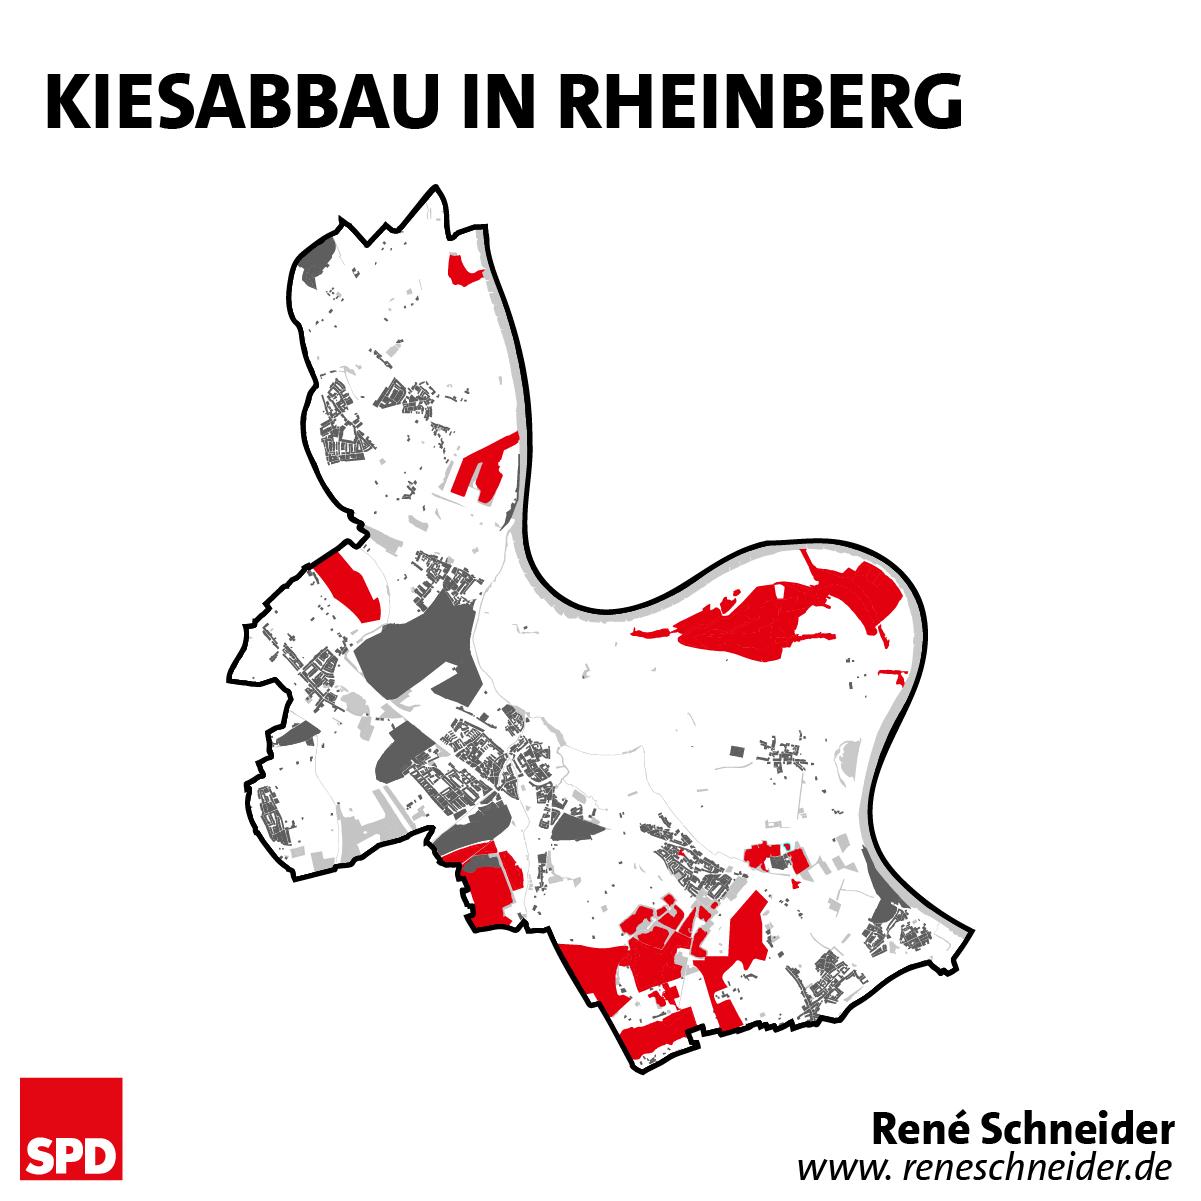 Kiesabbau in Rheinberg